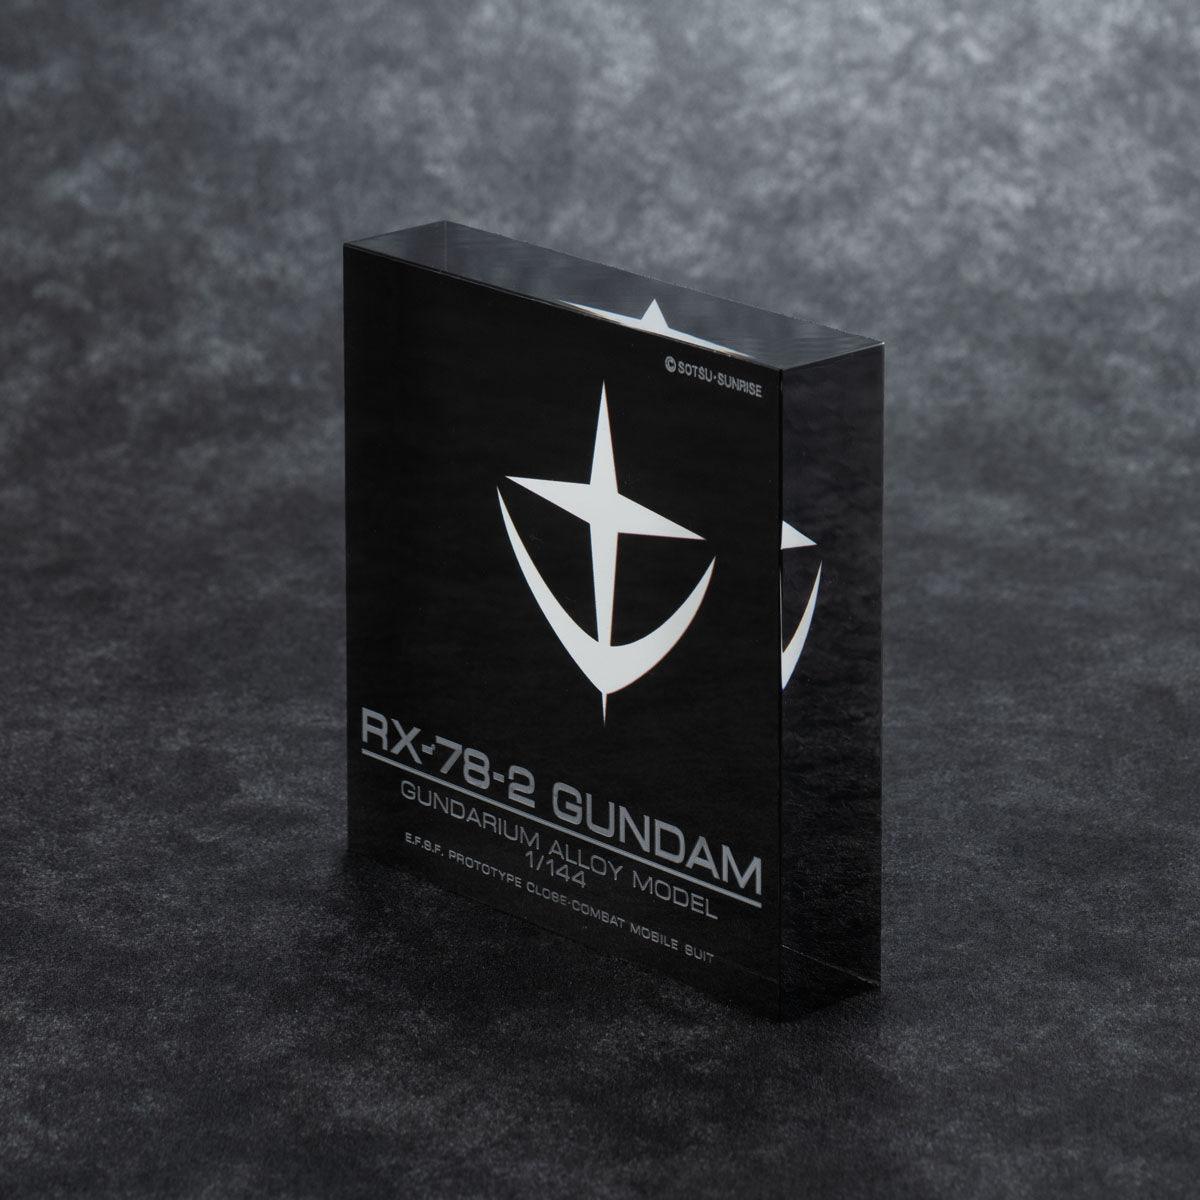 【限定販売】ガンダリウム合金モデル『RX-78-2 ガンダム』1/144 合金モデル-002